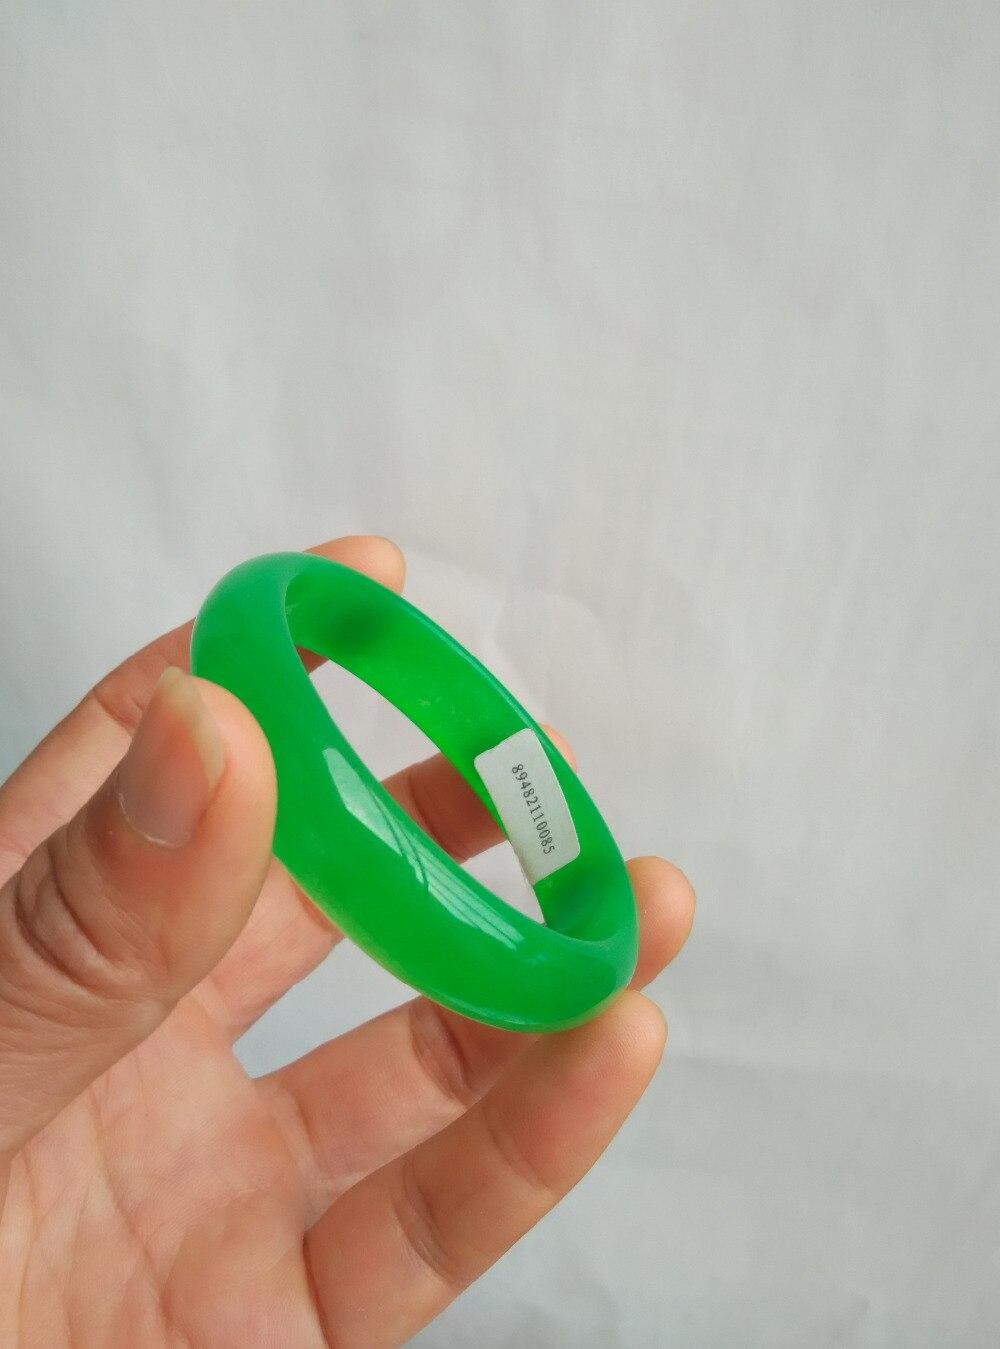 53-62mm/photo physique naturel Birmanie pierre vert tout vert bracelet épinards vert bracelet/certificat d'évaluation cadeau boîtes/